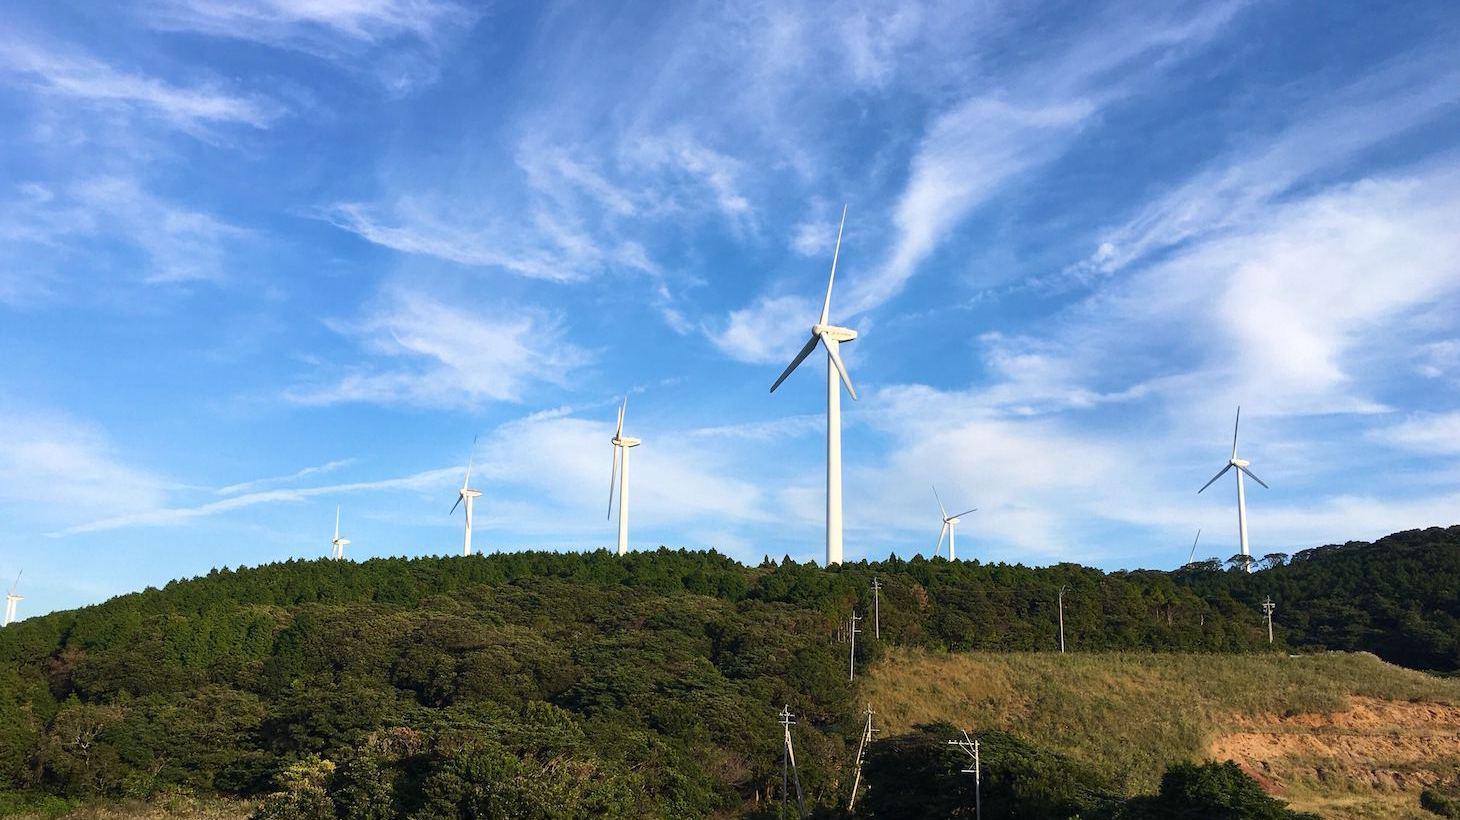 風力発電機が山頂にたくさん並んでいる